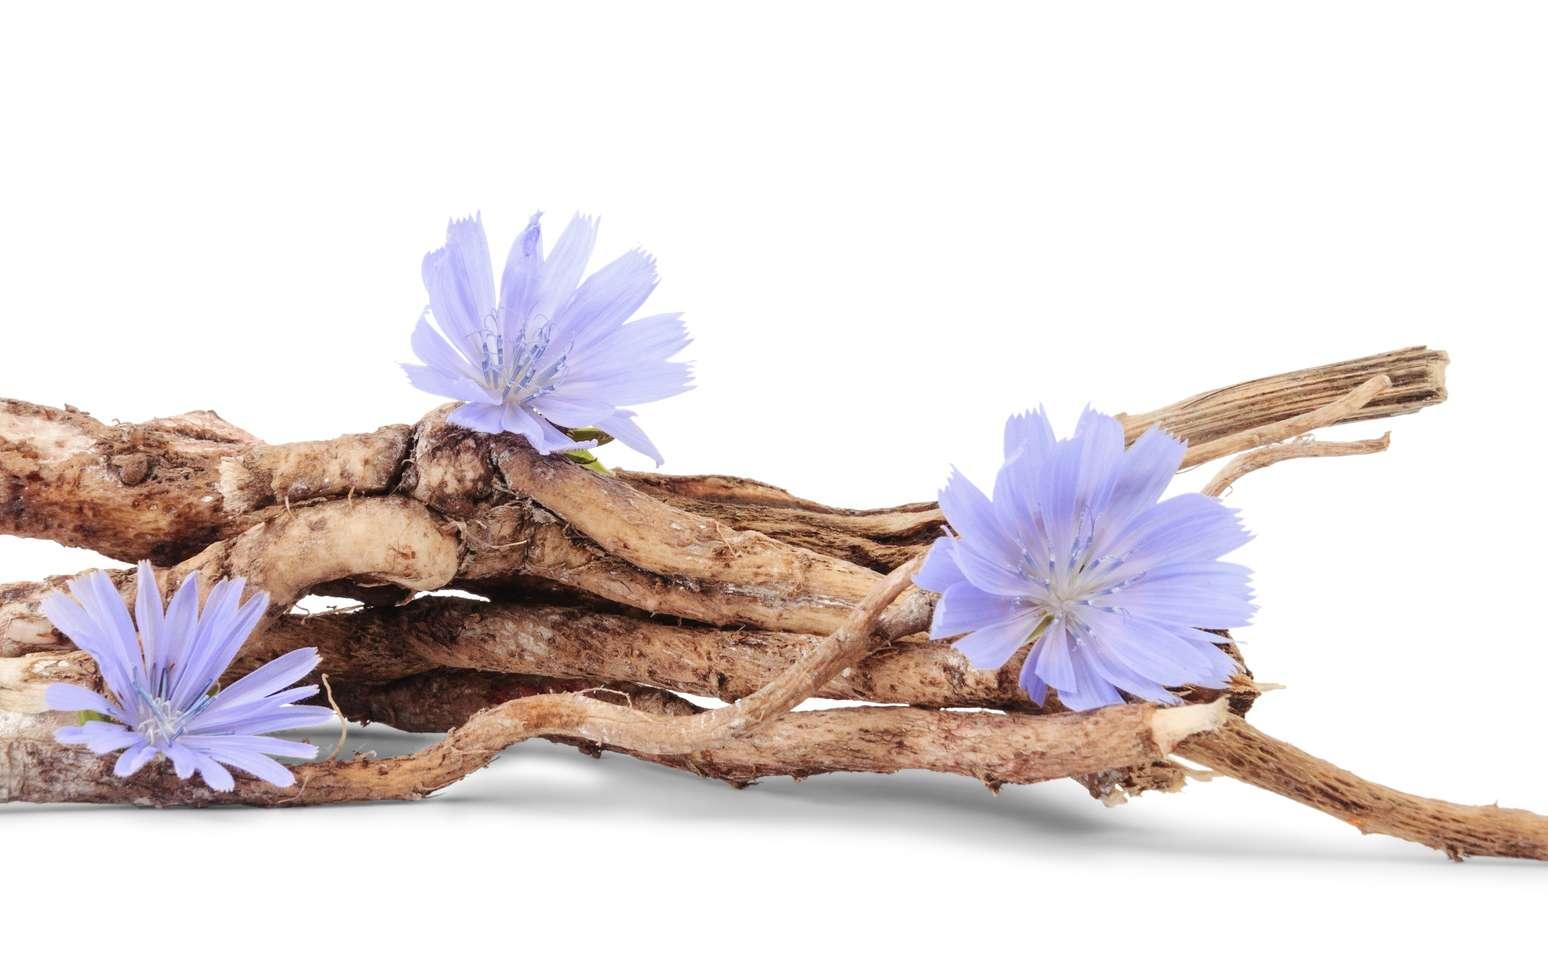 La racine de chicorée est la plante la plus riche en inuline. © Nata Studio, Fotolia